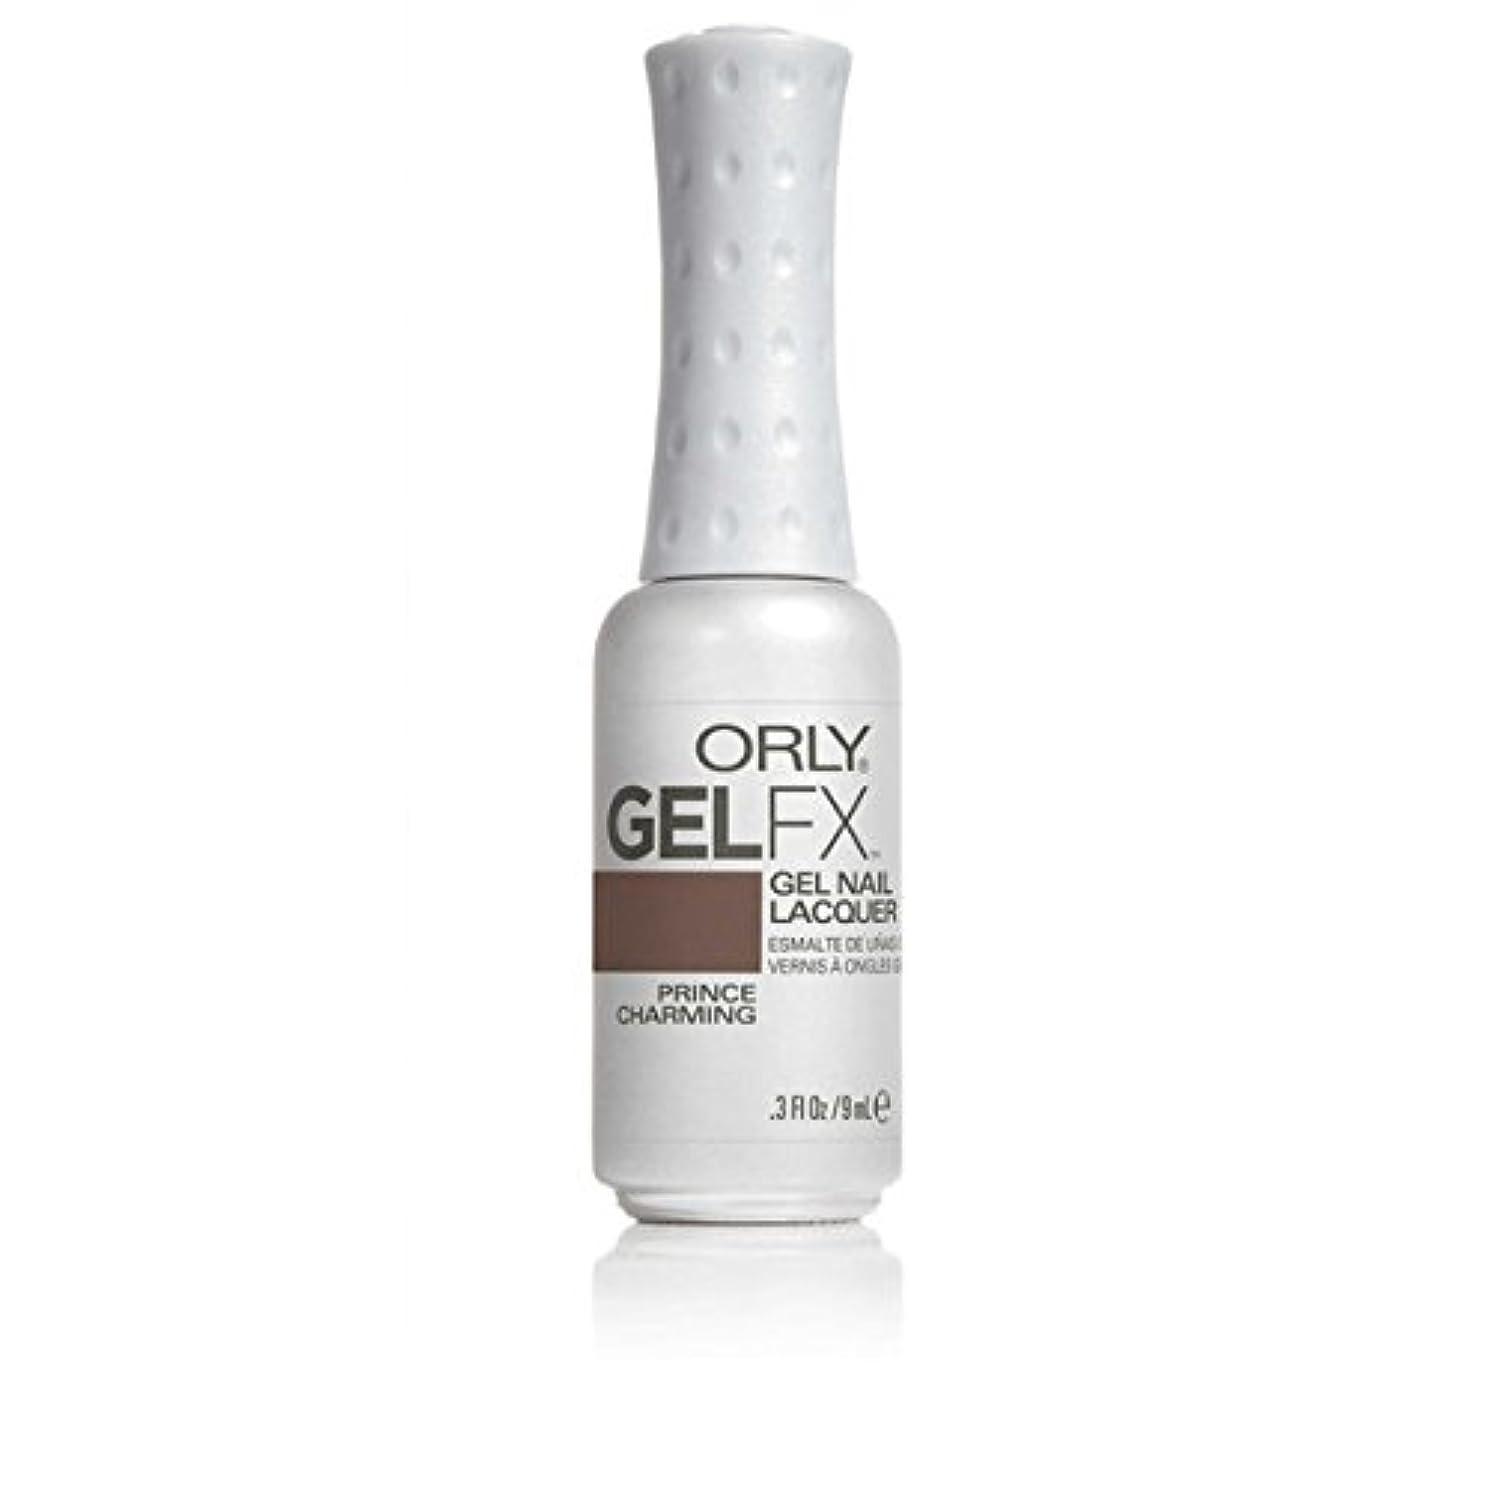 沼地ハック以降ORLY(オーリー)ジェルFXジェルネイルラッカー 9ml プリンスチャーミング#30715